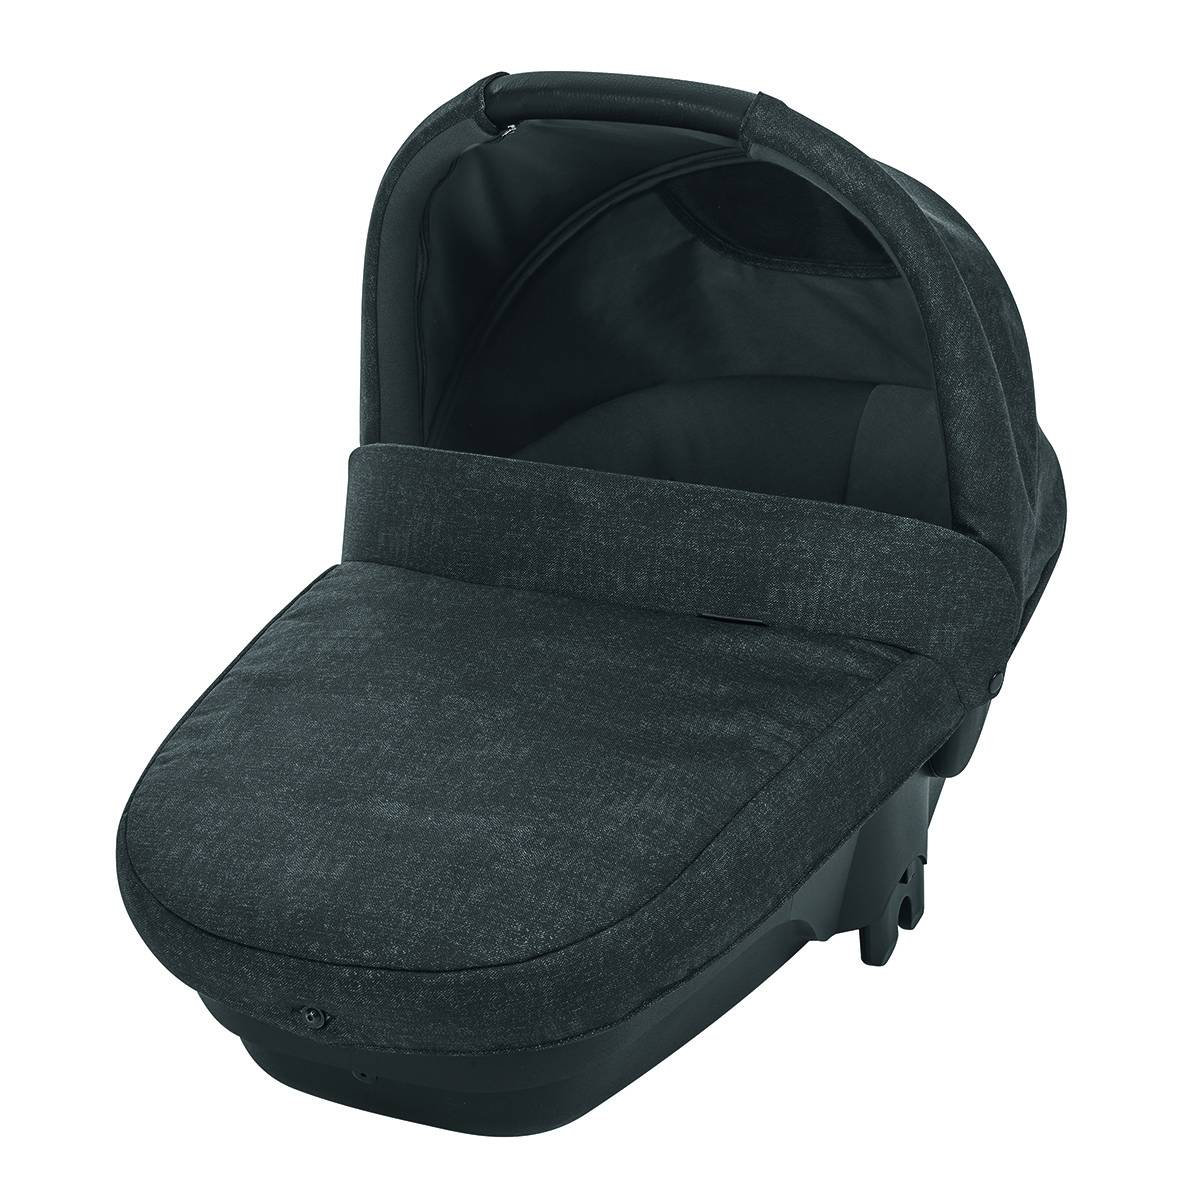 Bébé Confort Nacelle Amber Plus Groupe 0 - Nomad Black